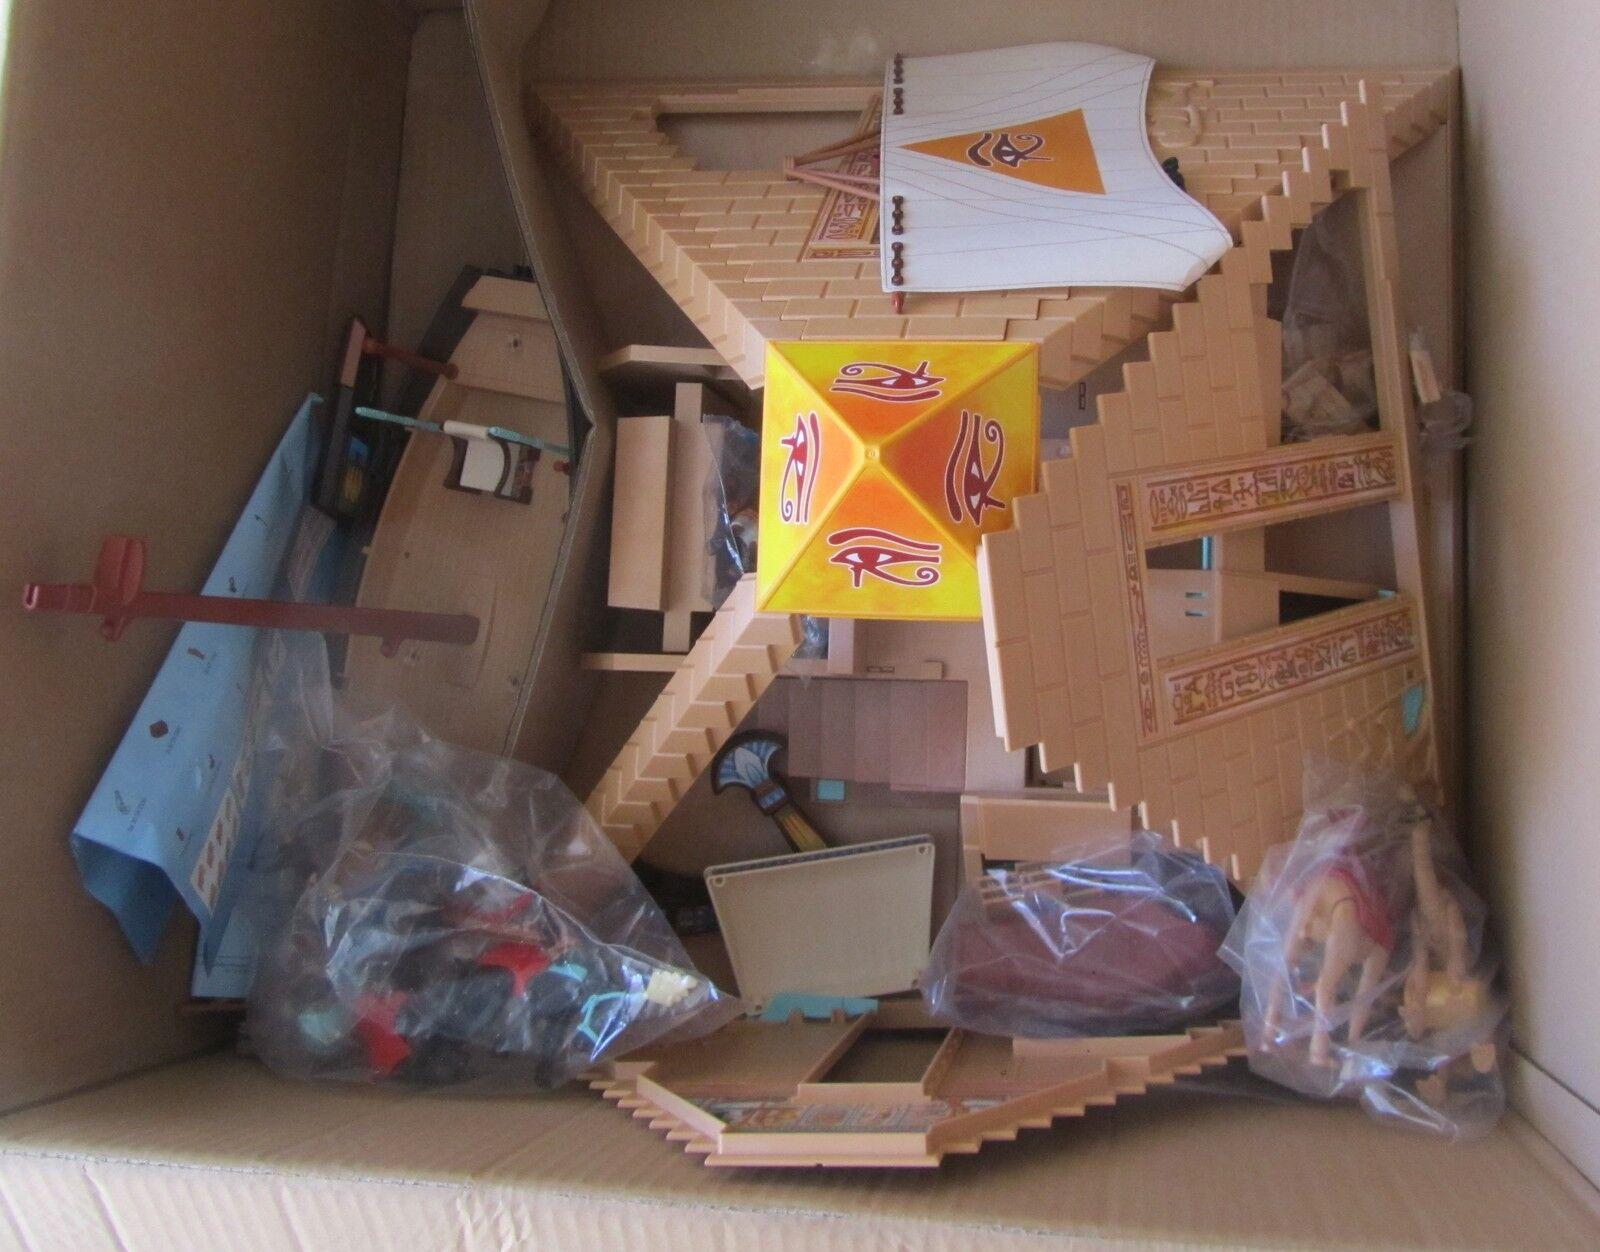 Playmobil Esposizione Display Promozionale Da Negozio Egizi 4240 4241 4244 4247